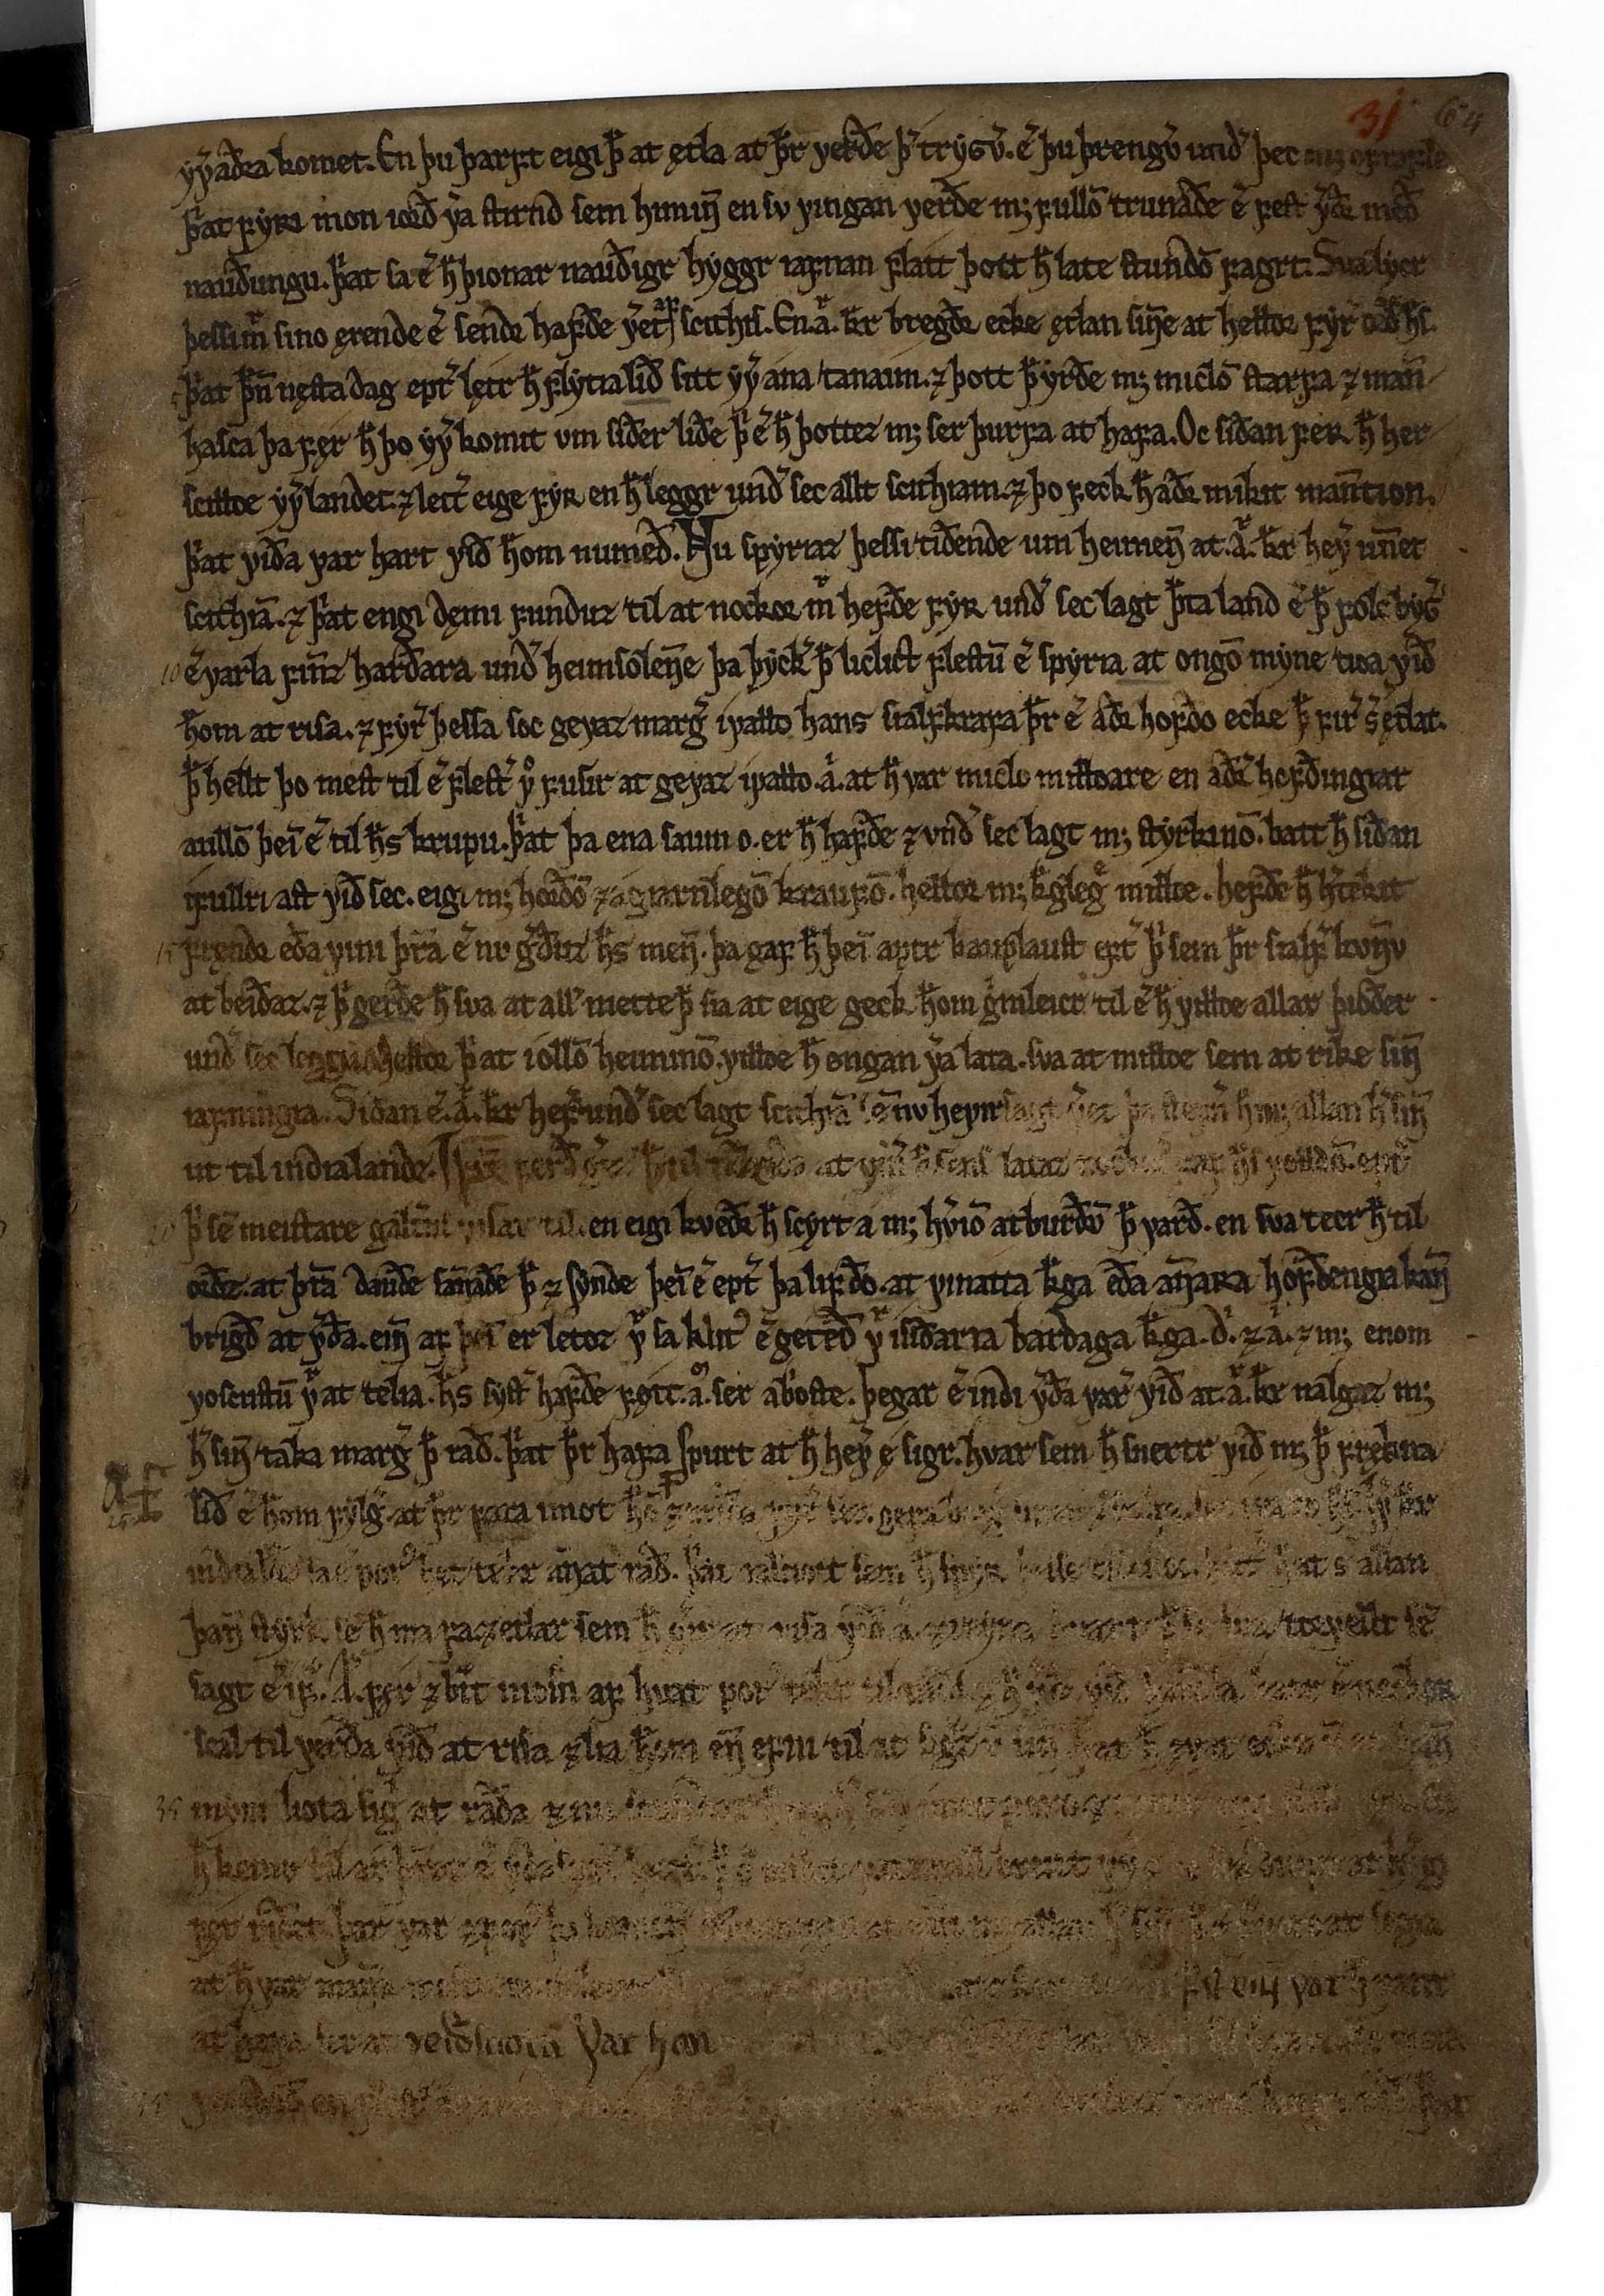 AM 519 a 4° - 31r